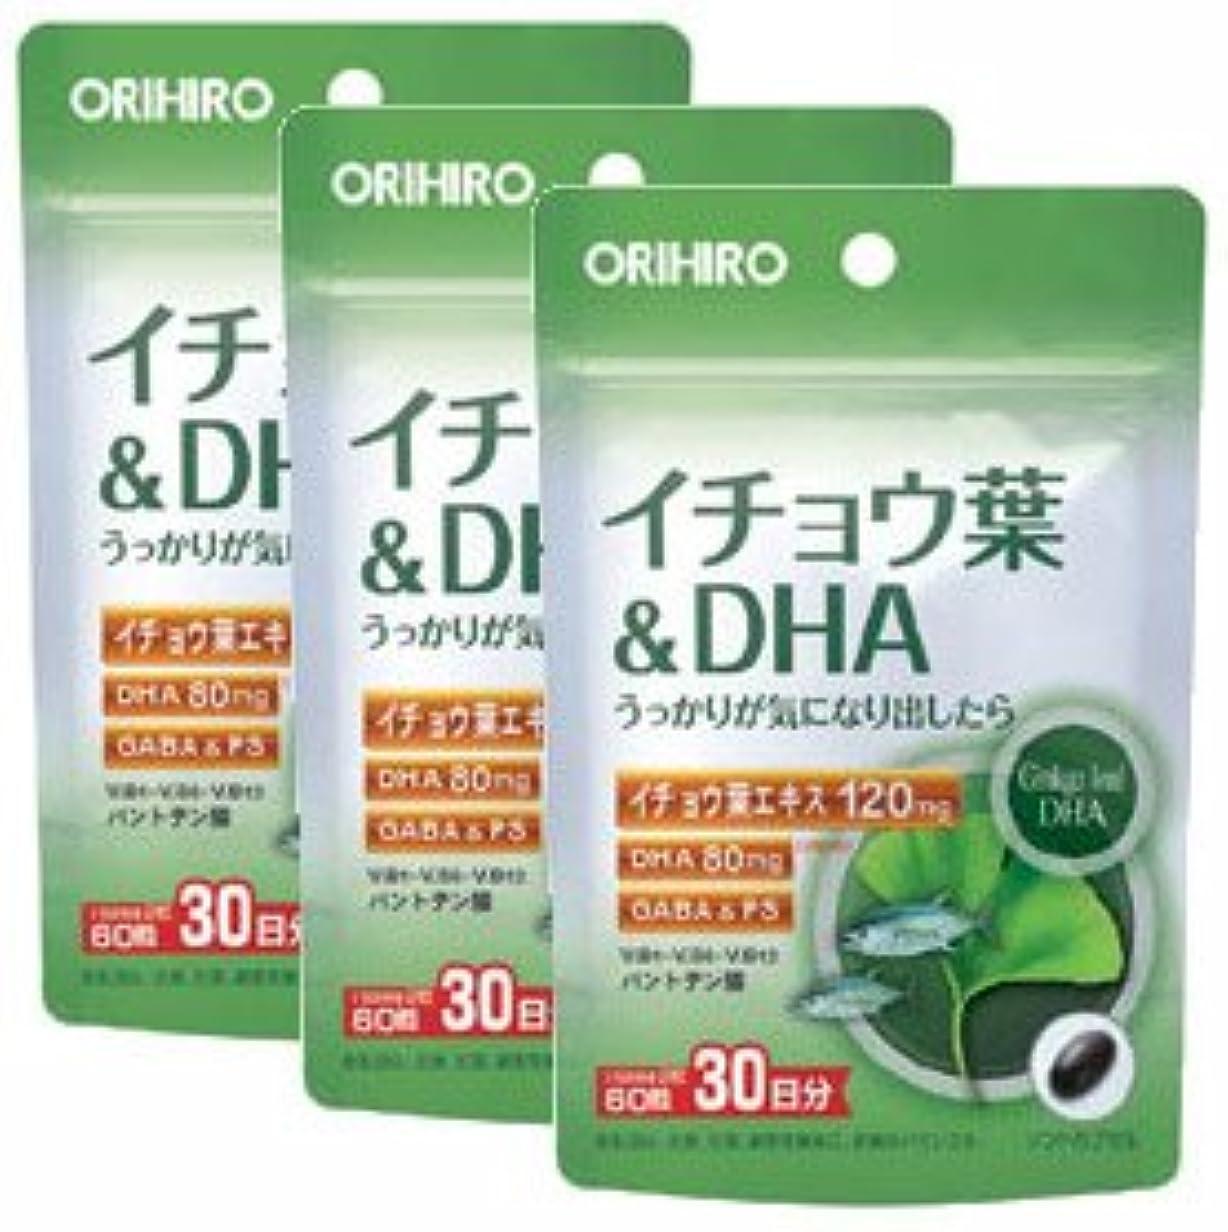 テラス剪断に向けて出発イチョウ葉&DHA PD【3袋セット】オリヒロ